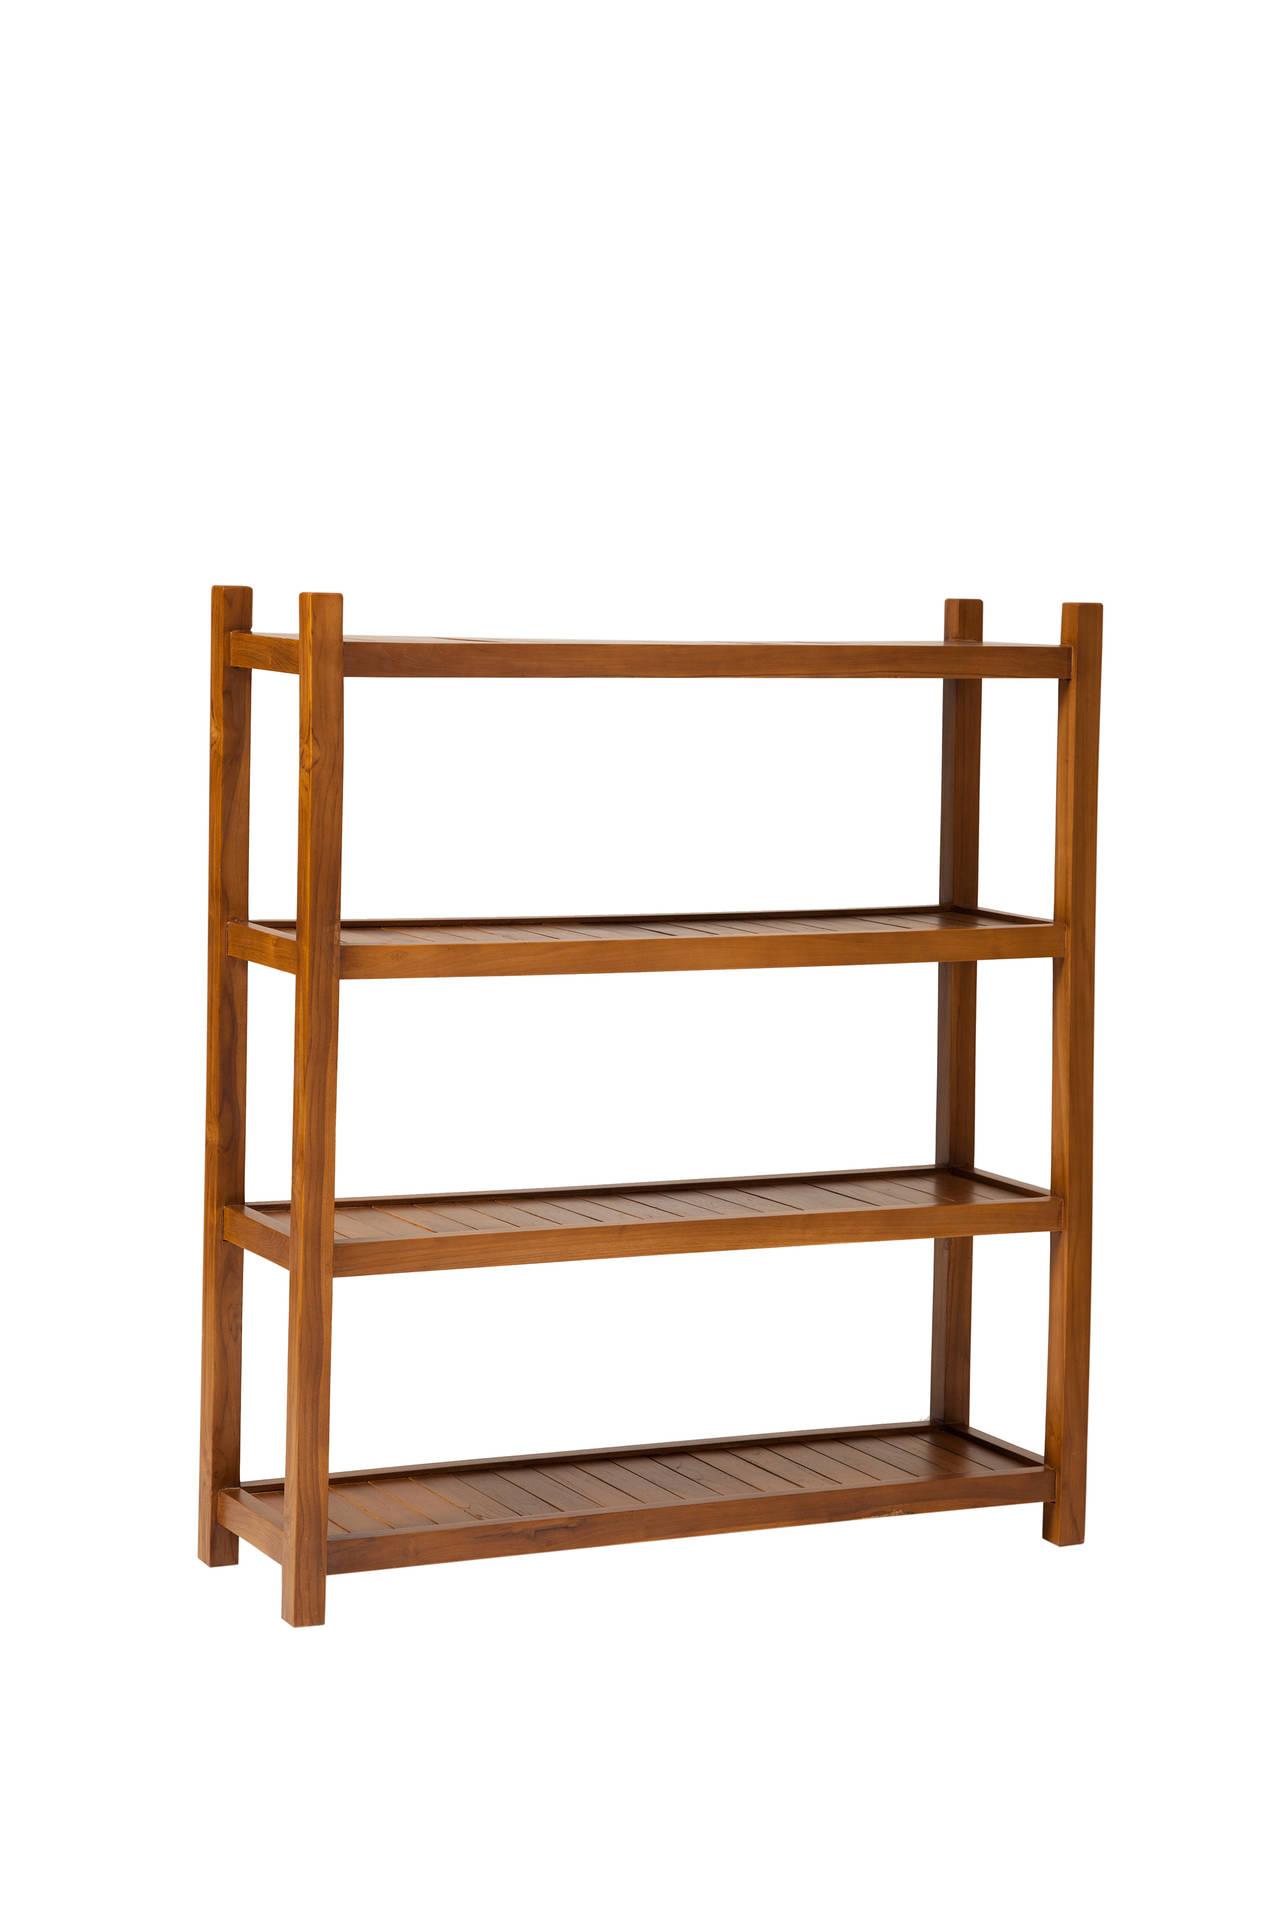 SHOE RACK 4 shelves